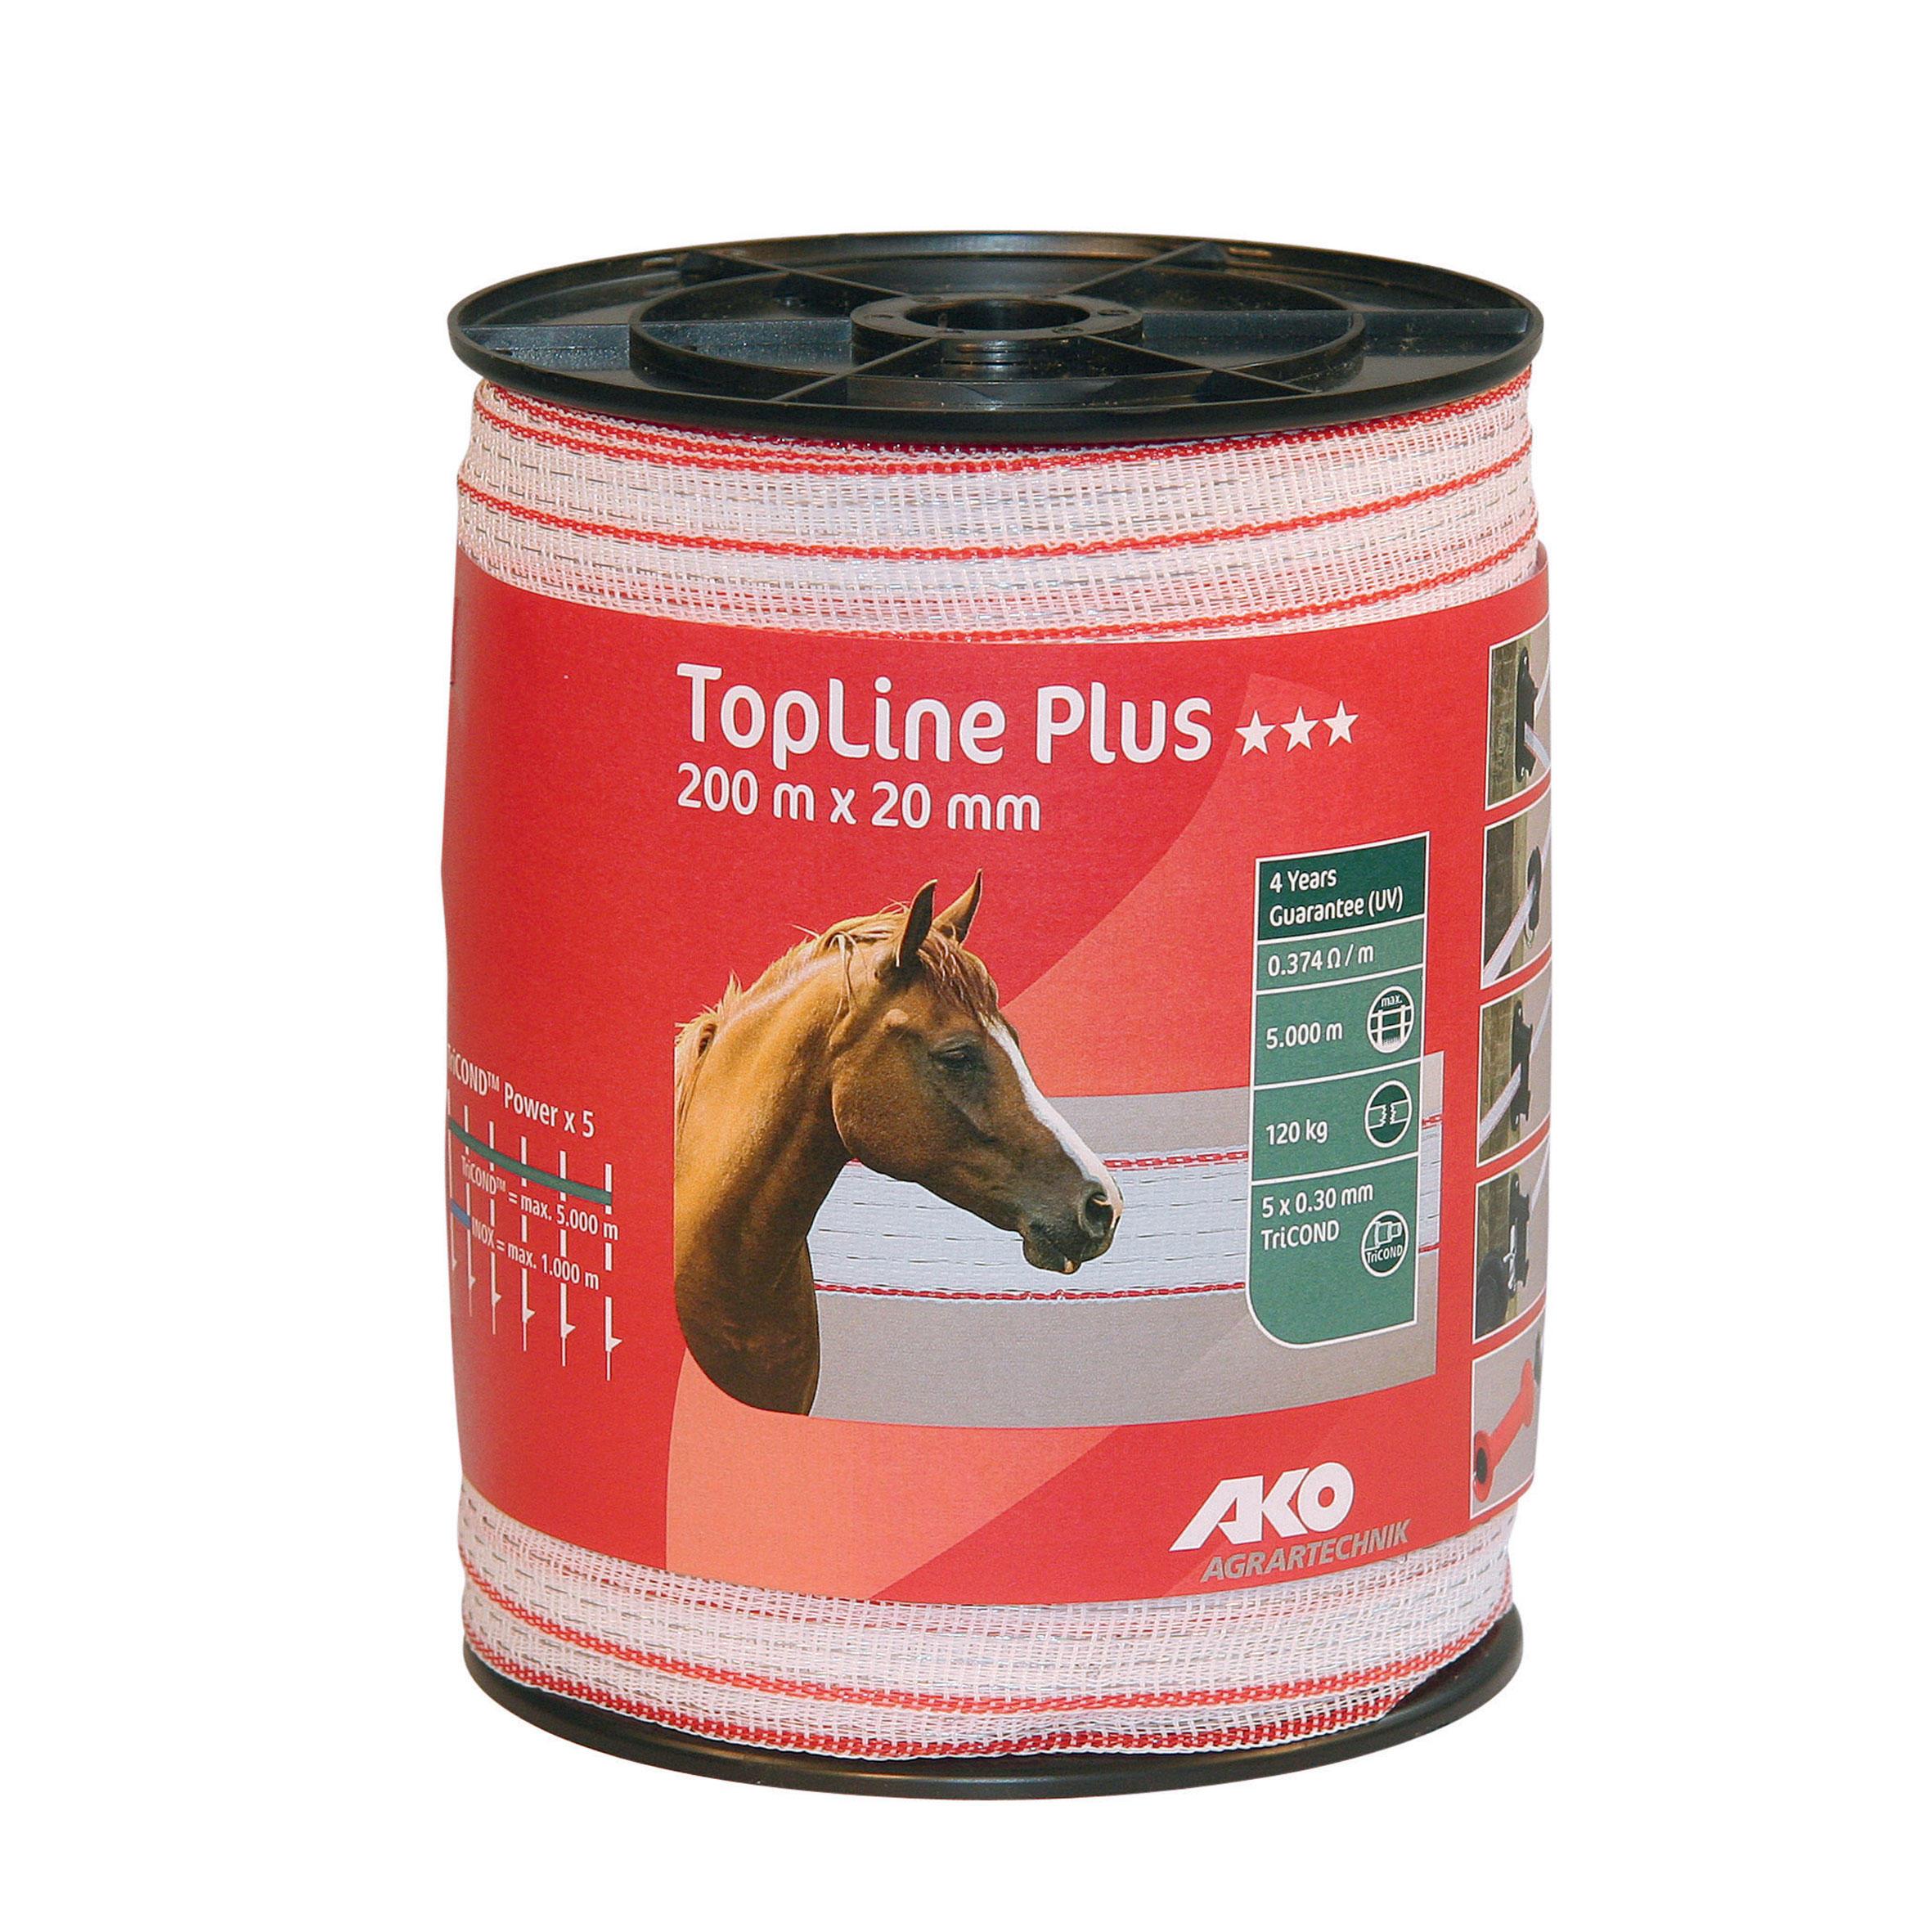 Ako Wit schriklint voor paardenomheining Top Line Plus - breedte 20 mm x 200 m kopen